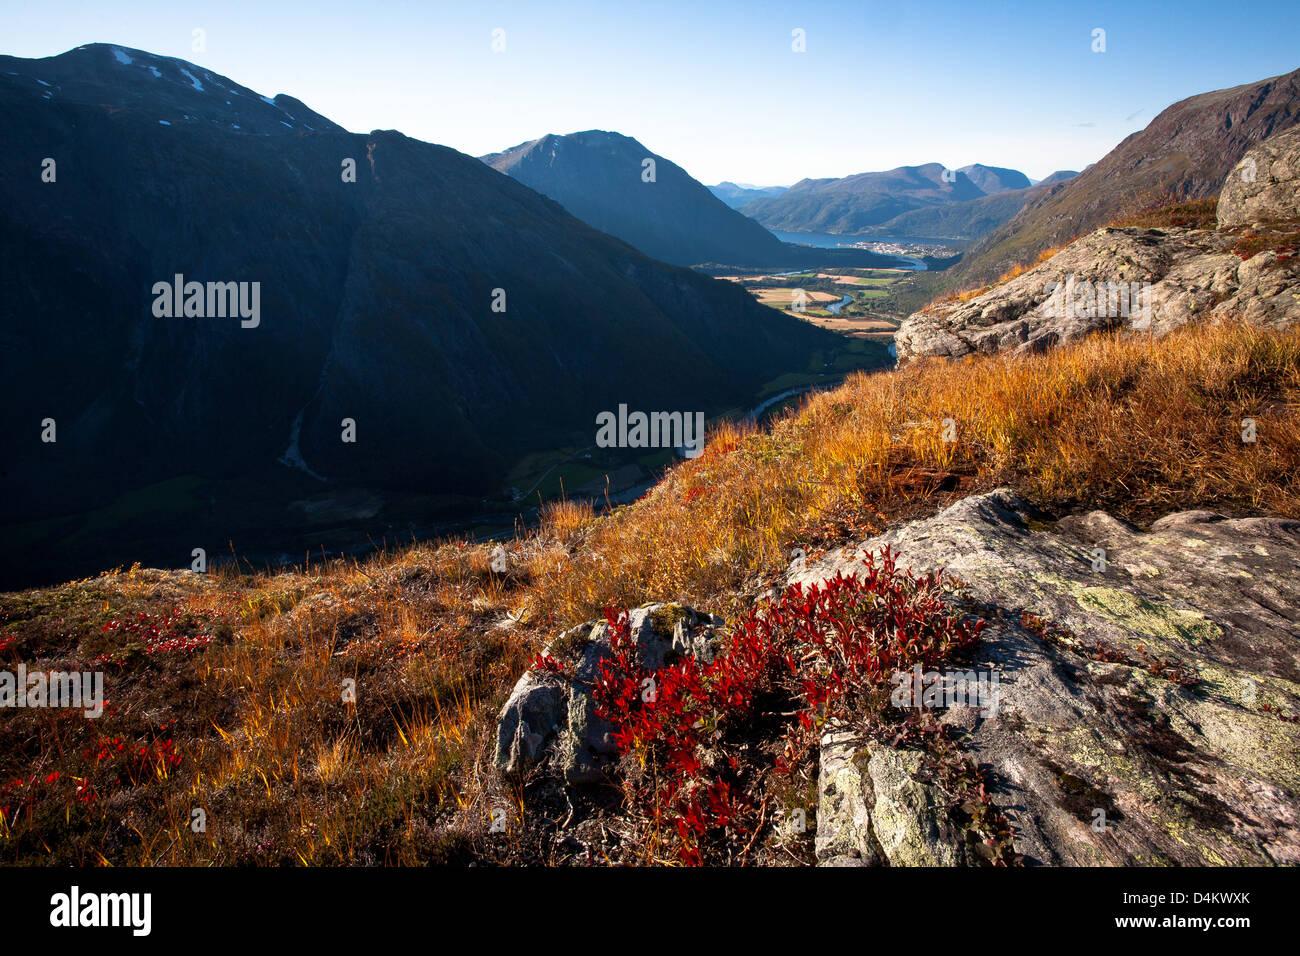 Romsdalen Tal gesehen von Litlefjellet, Rauma Kommune, Møre Og Romsdal, Norwegen. Stockfoto